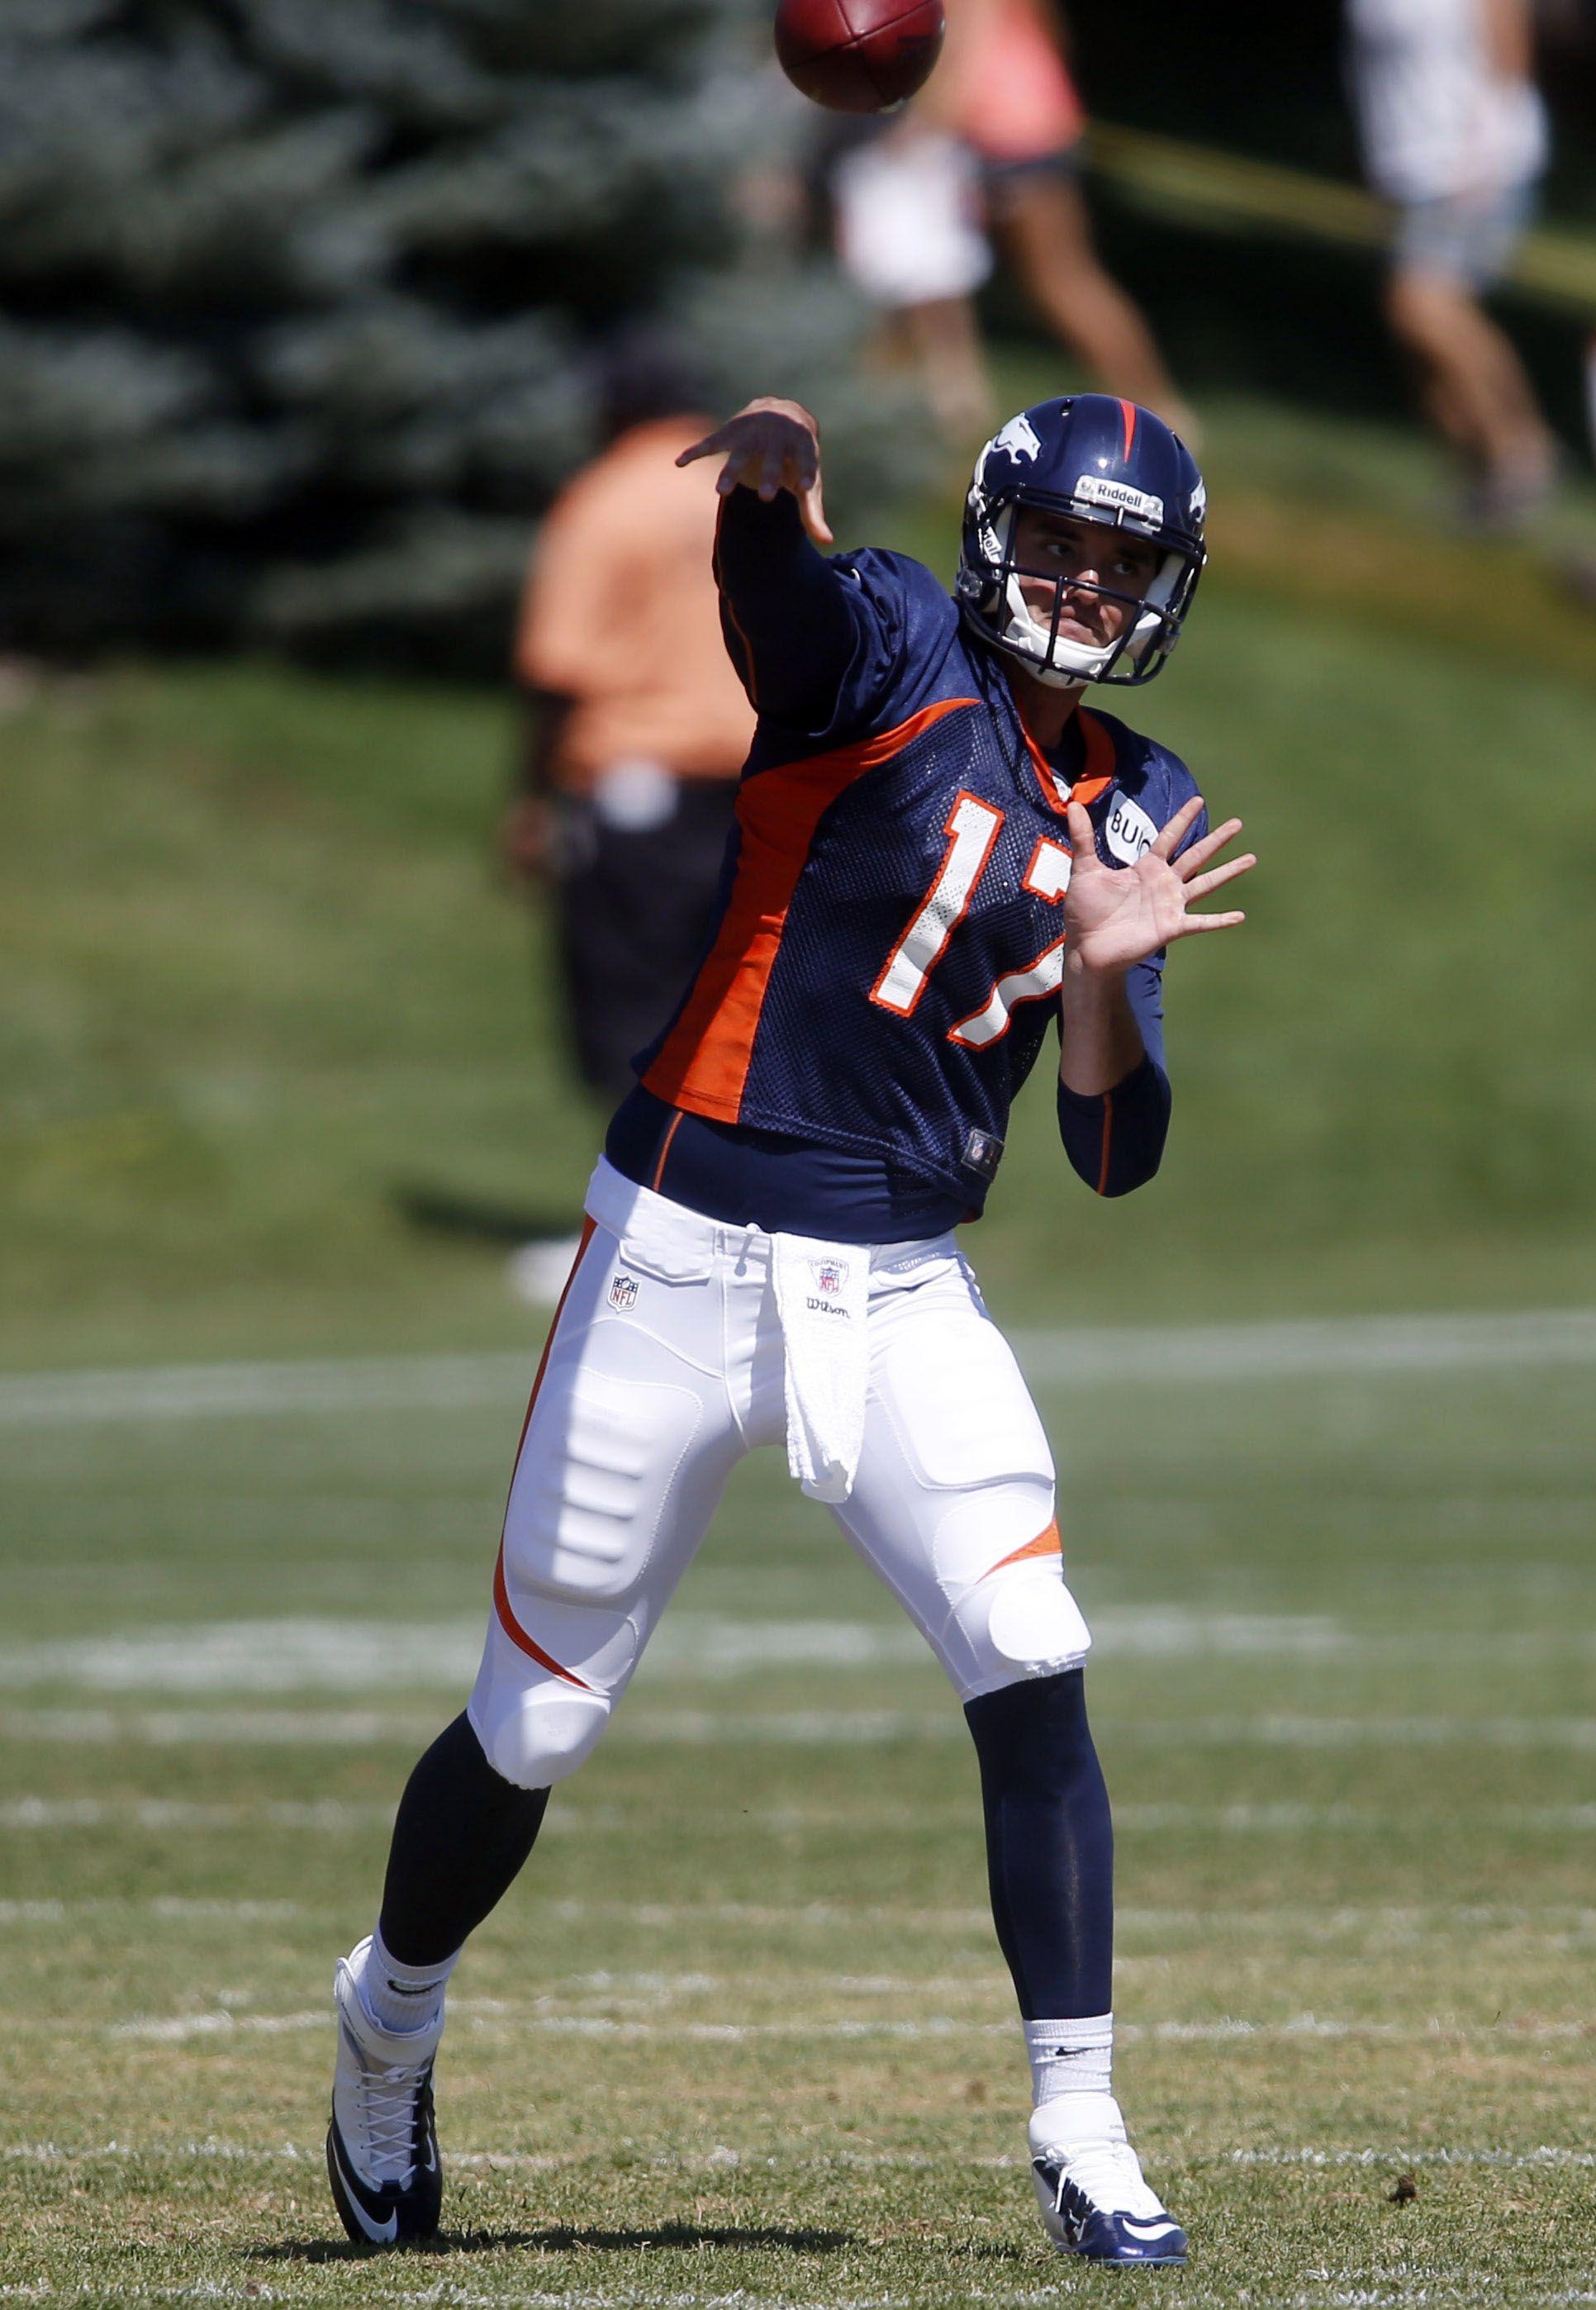 Denver Broncos Quarterback Brock Osweiler Throws The Ball During Training Camp At The Broncos Training Fac Broncos Football Denver Broncos Quarterbacks Broncos